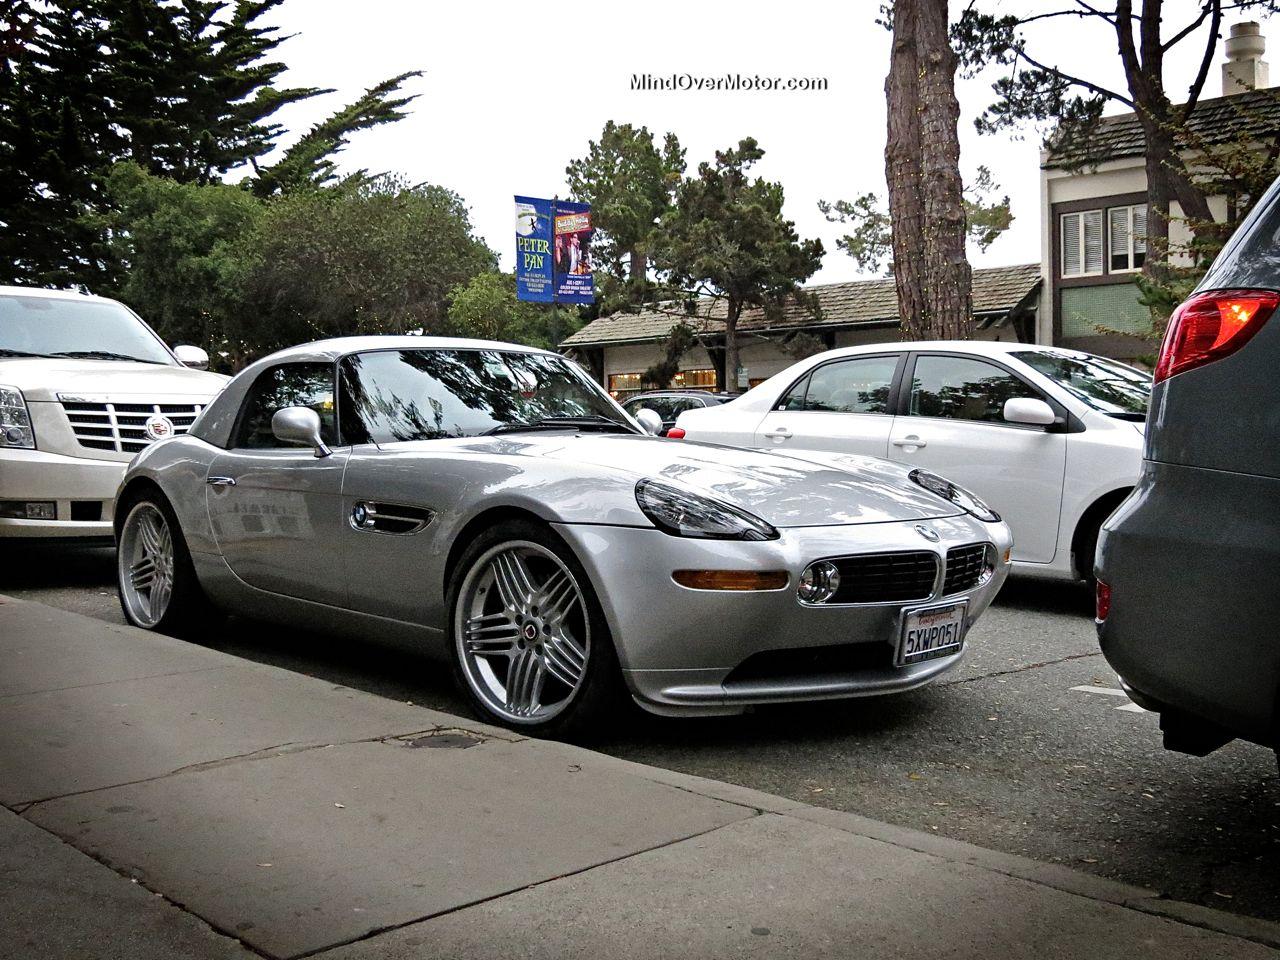 Alpina BMW Z Spotted In Carmel CA Mind Over Motor - Bmw z8 alpina